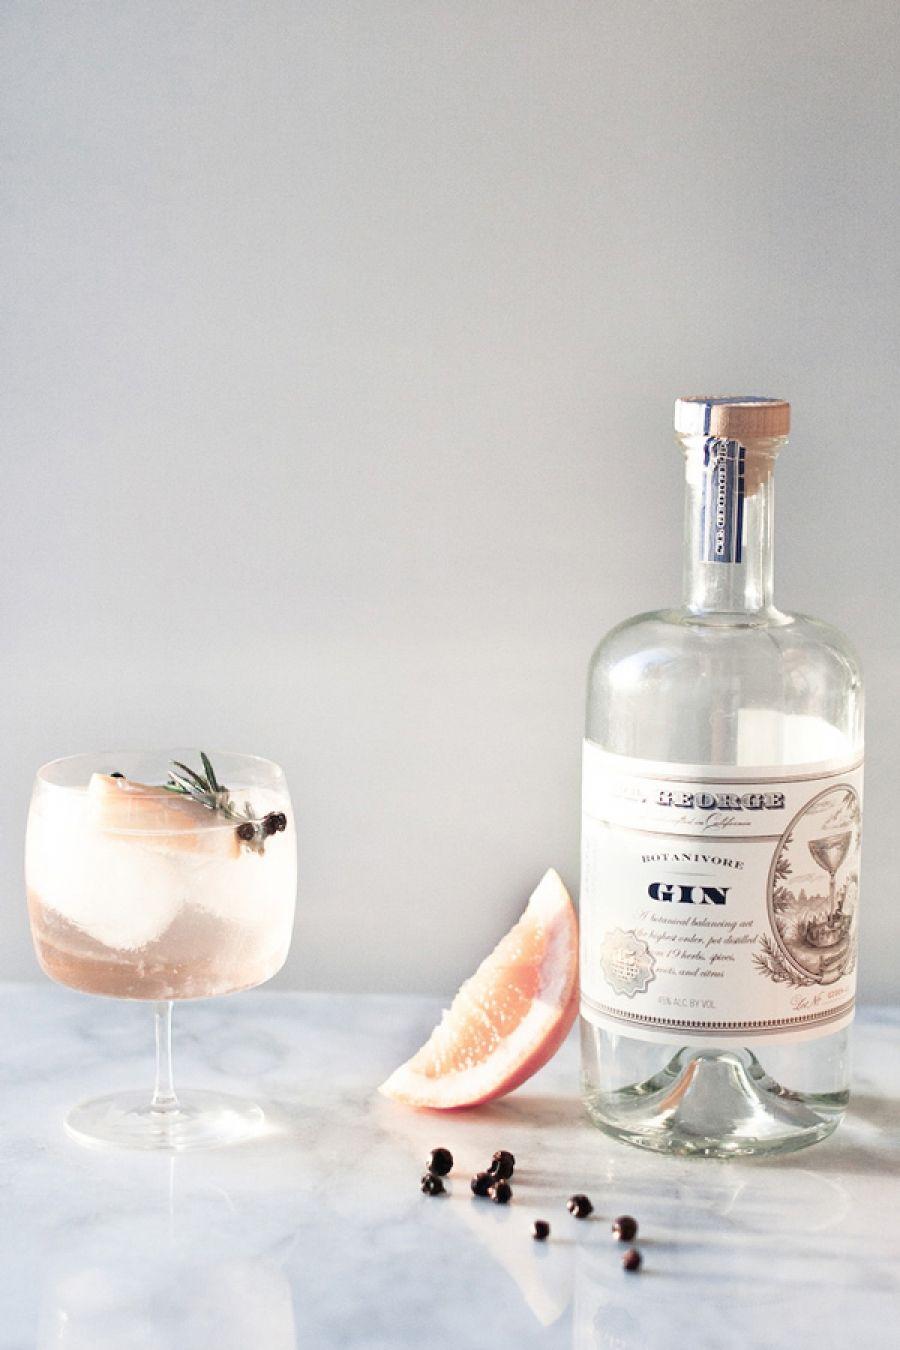 gin met vlierbloesem en jeneverbessen